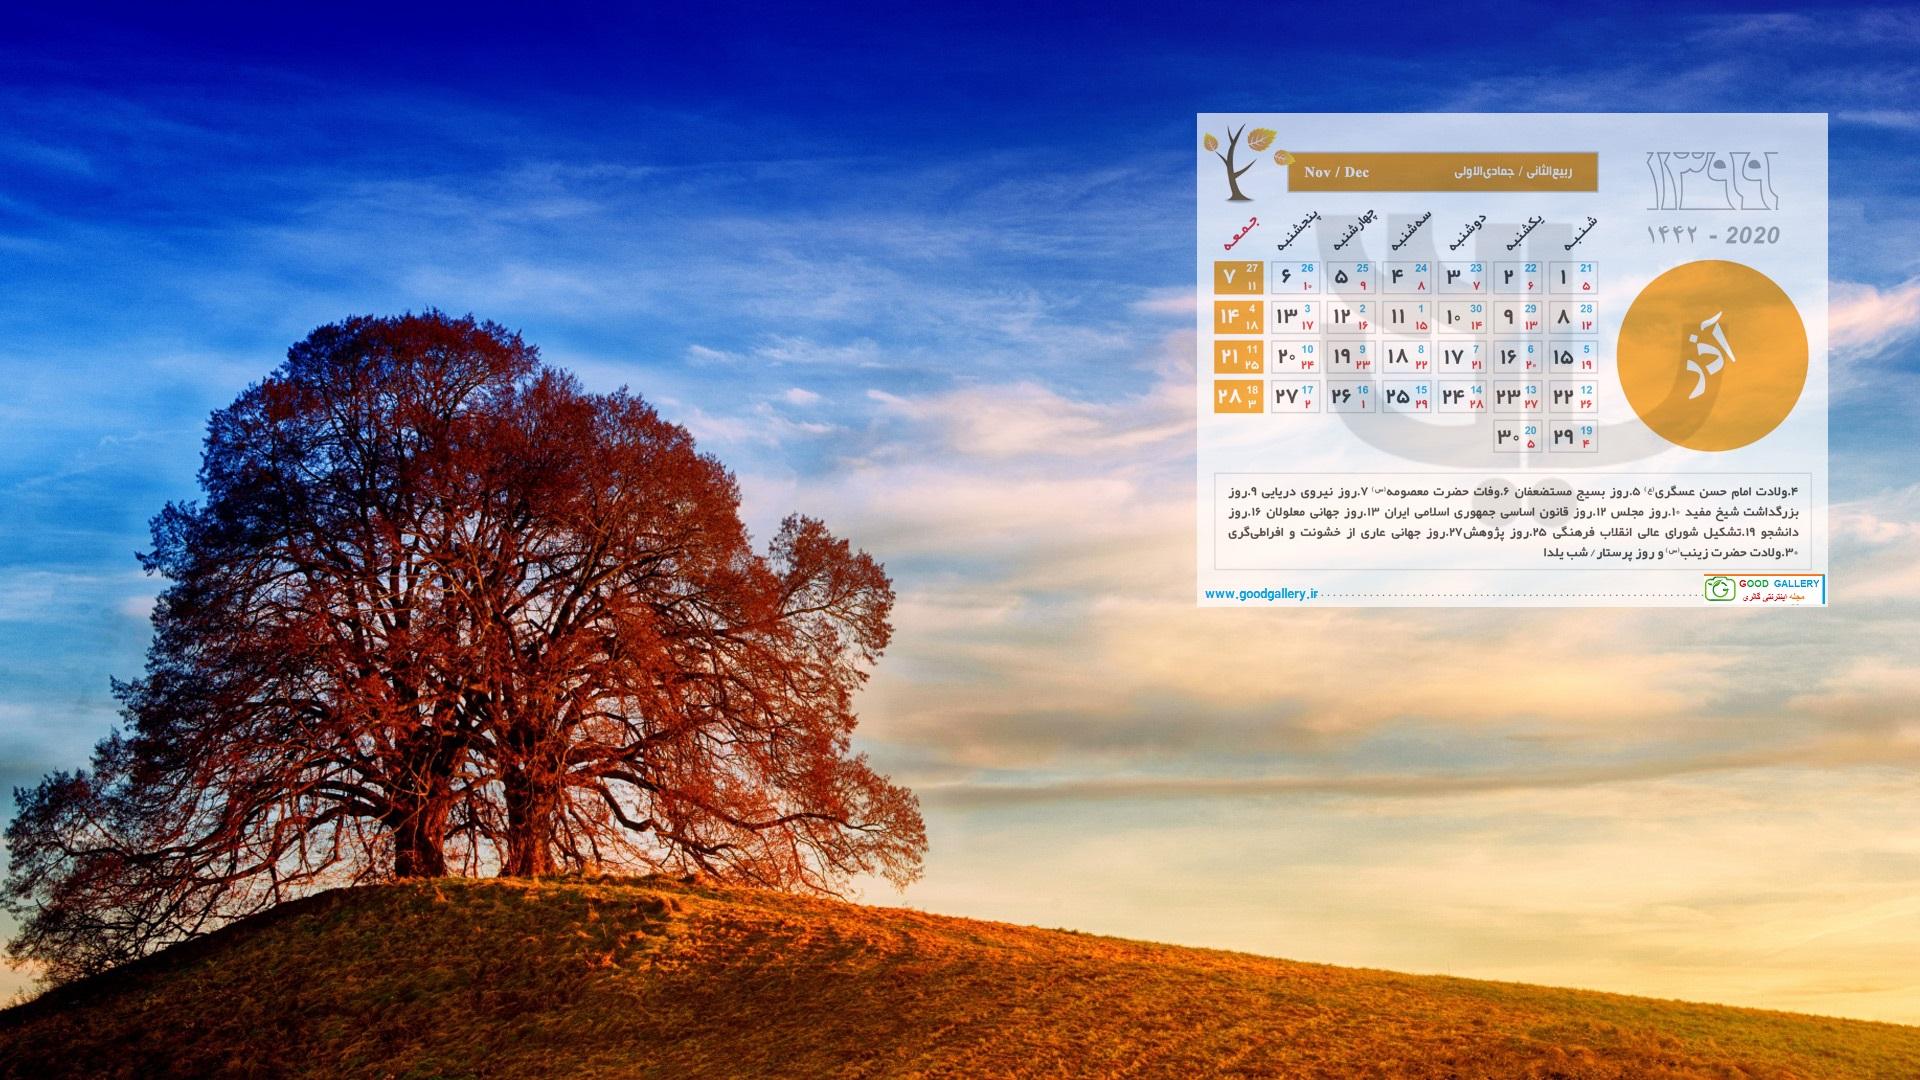 تقویم سال 99 برای دسکتاپ , تقویم آذر 99 نسخه دسکتاپ